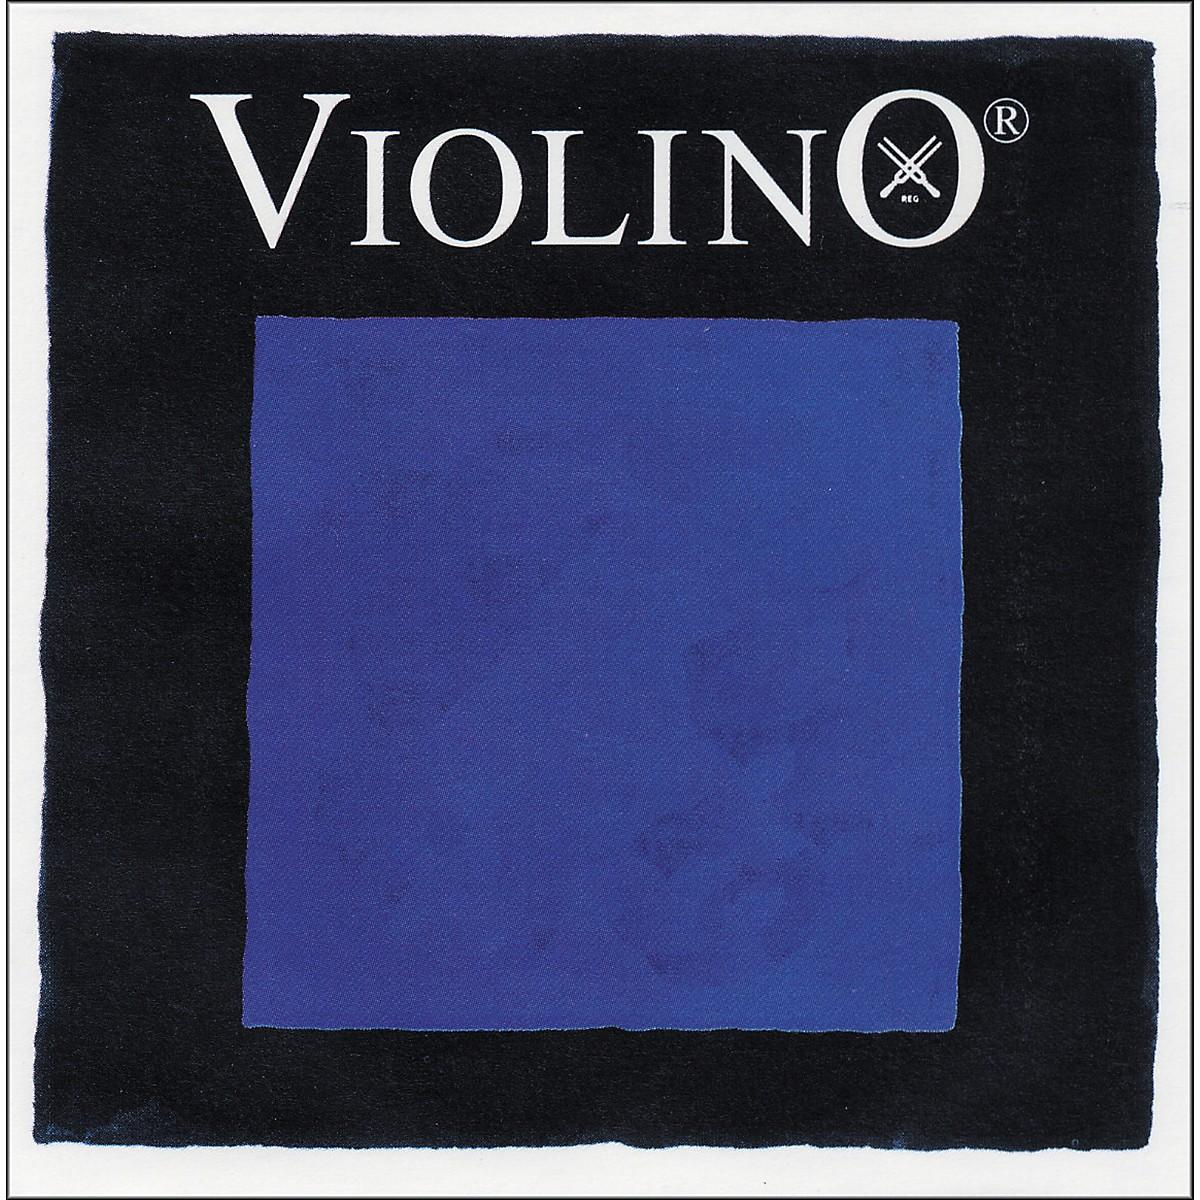 Pirastro Violino Series Violin D String